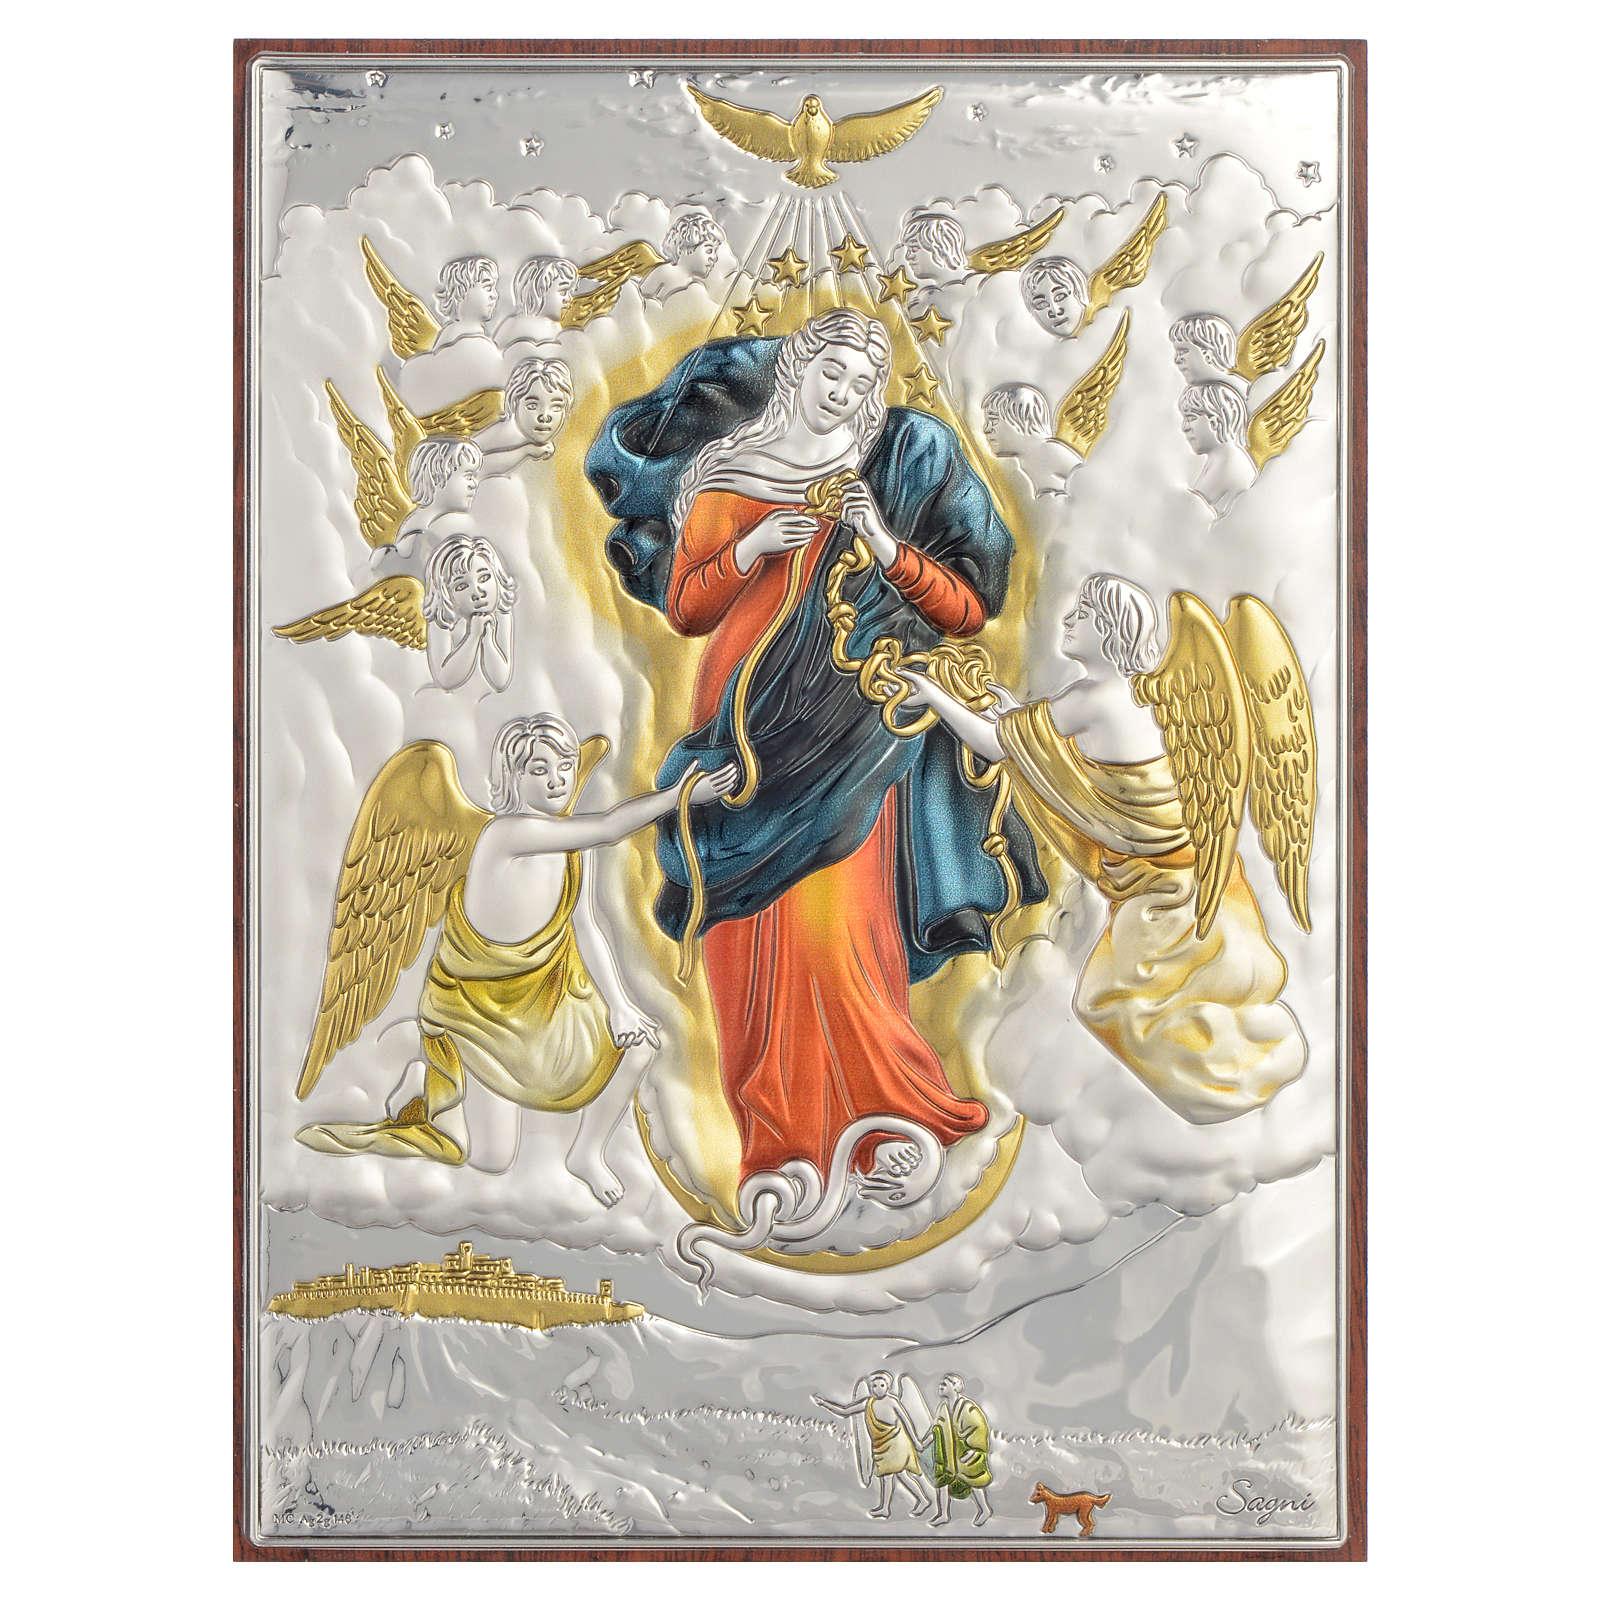 Obraz Matka Boża rozwiązująca węzły srebro kolorowe 13x18 4